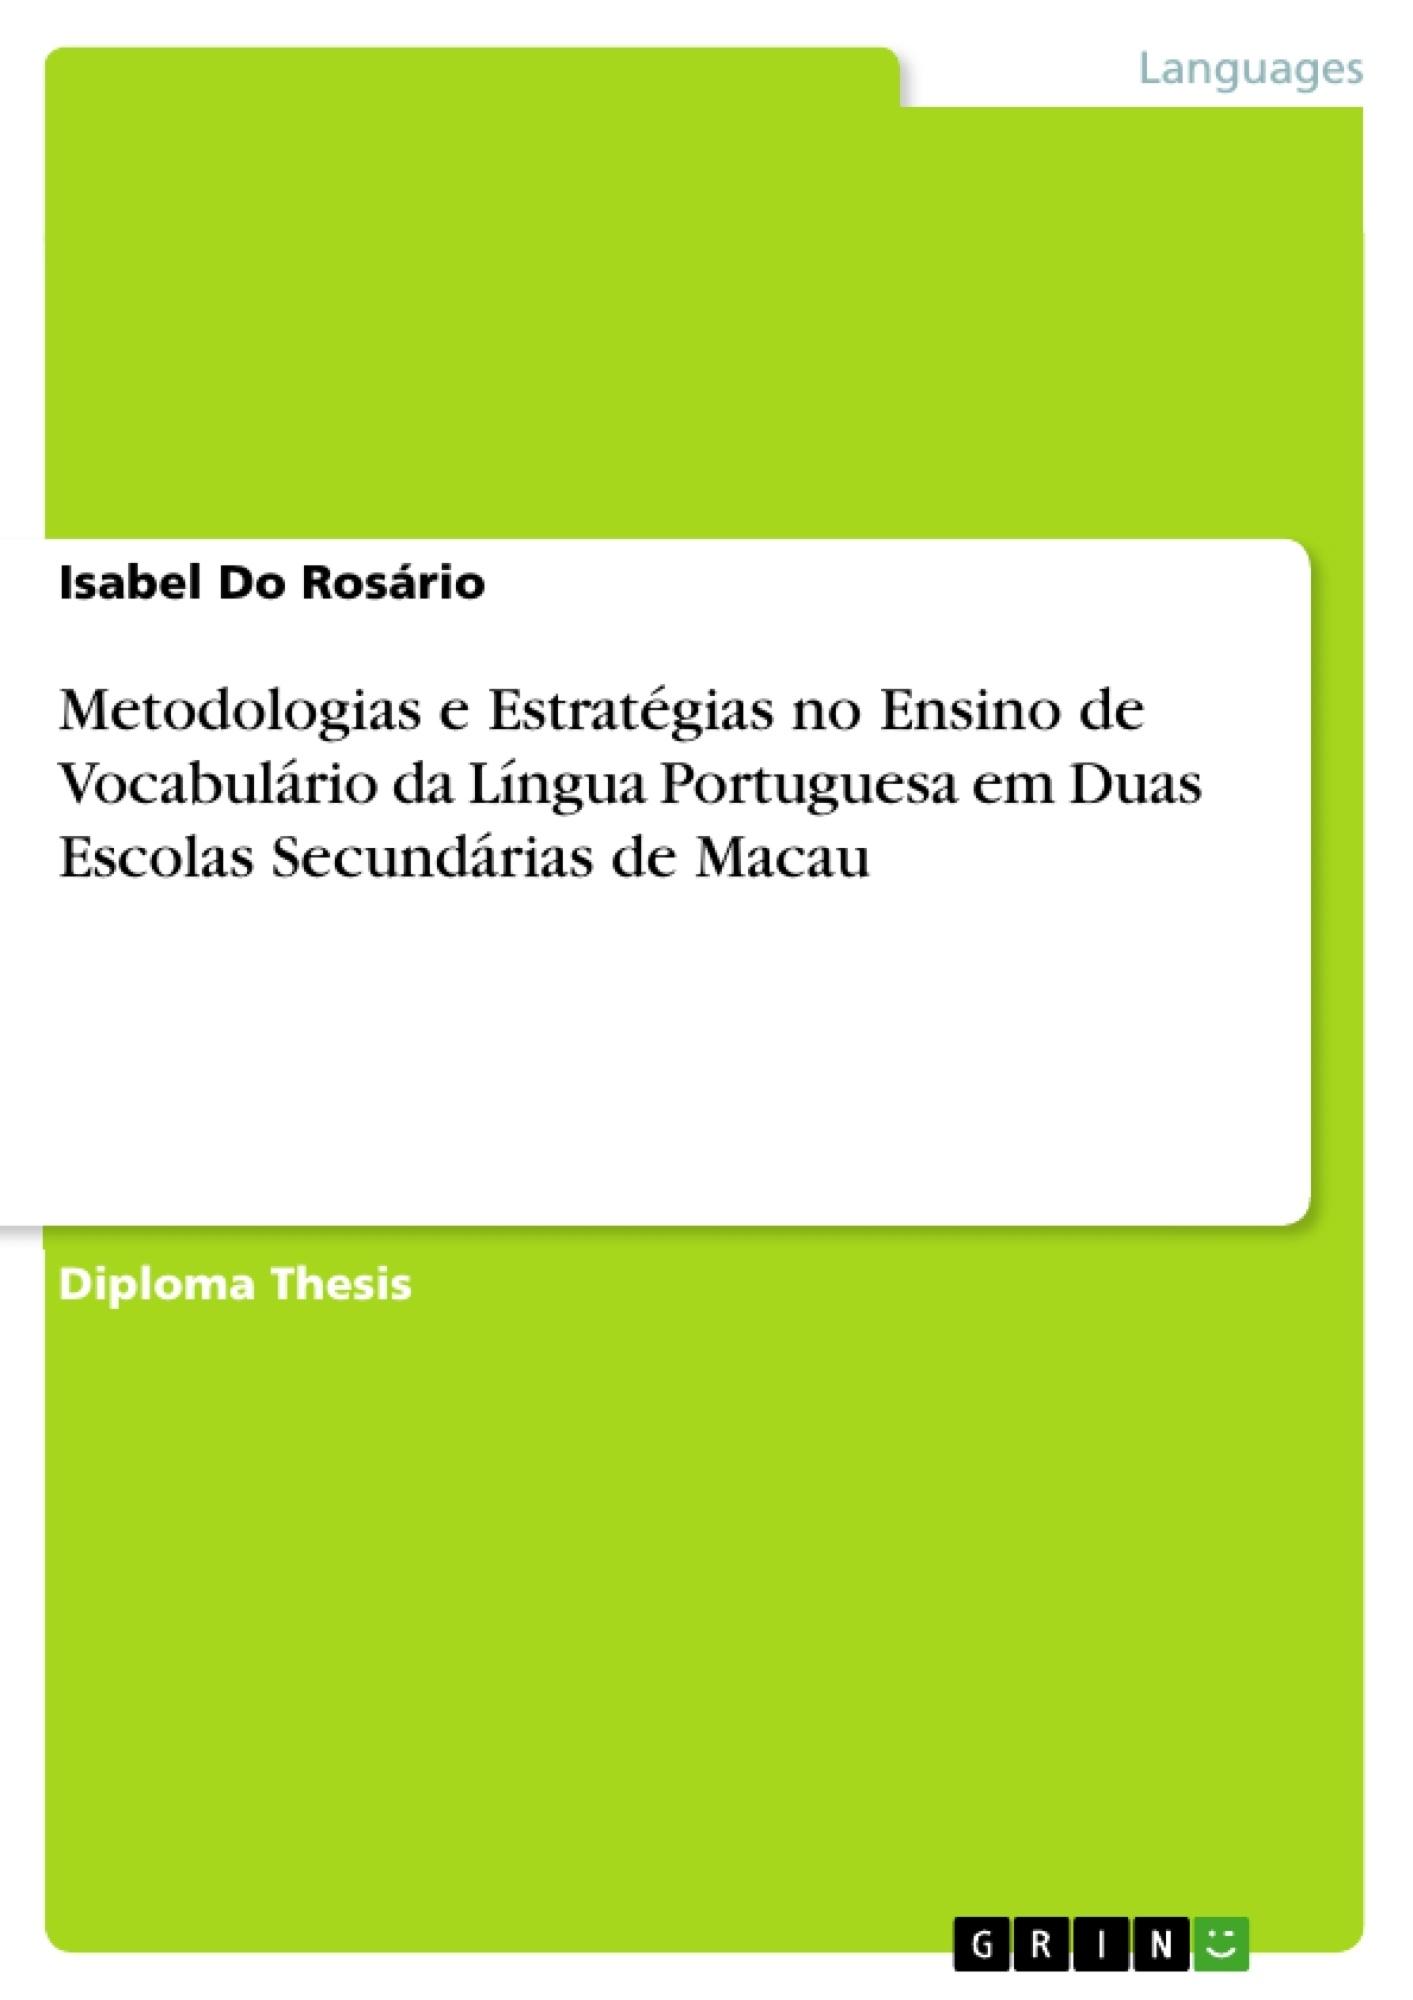 Title: Metodologias e Estratégias no Ensino de Vocabulário da Língua Portuguesa em Duas Escolas Secundárias de Macau